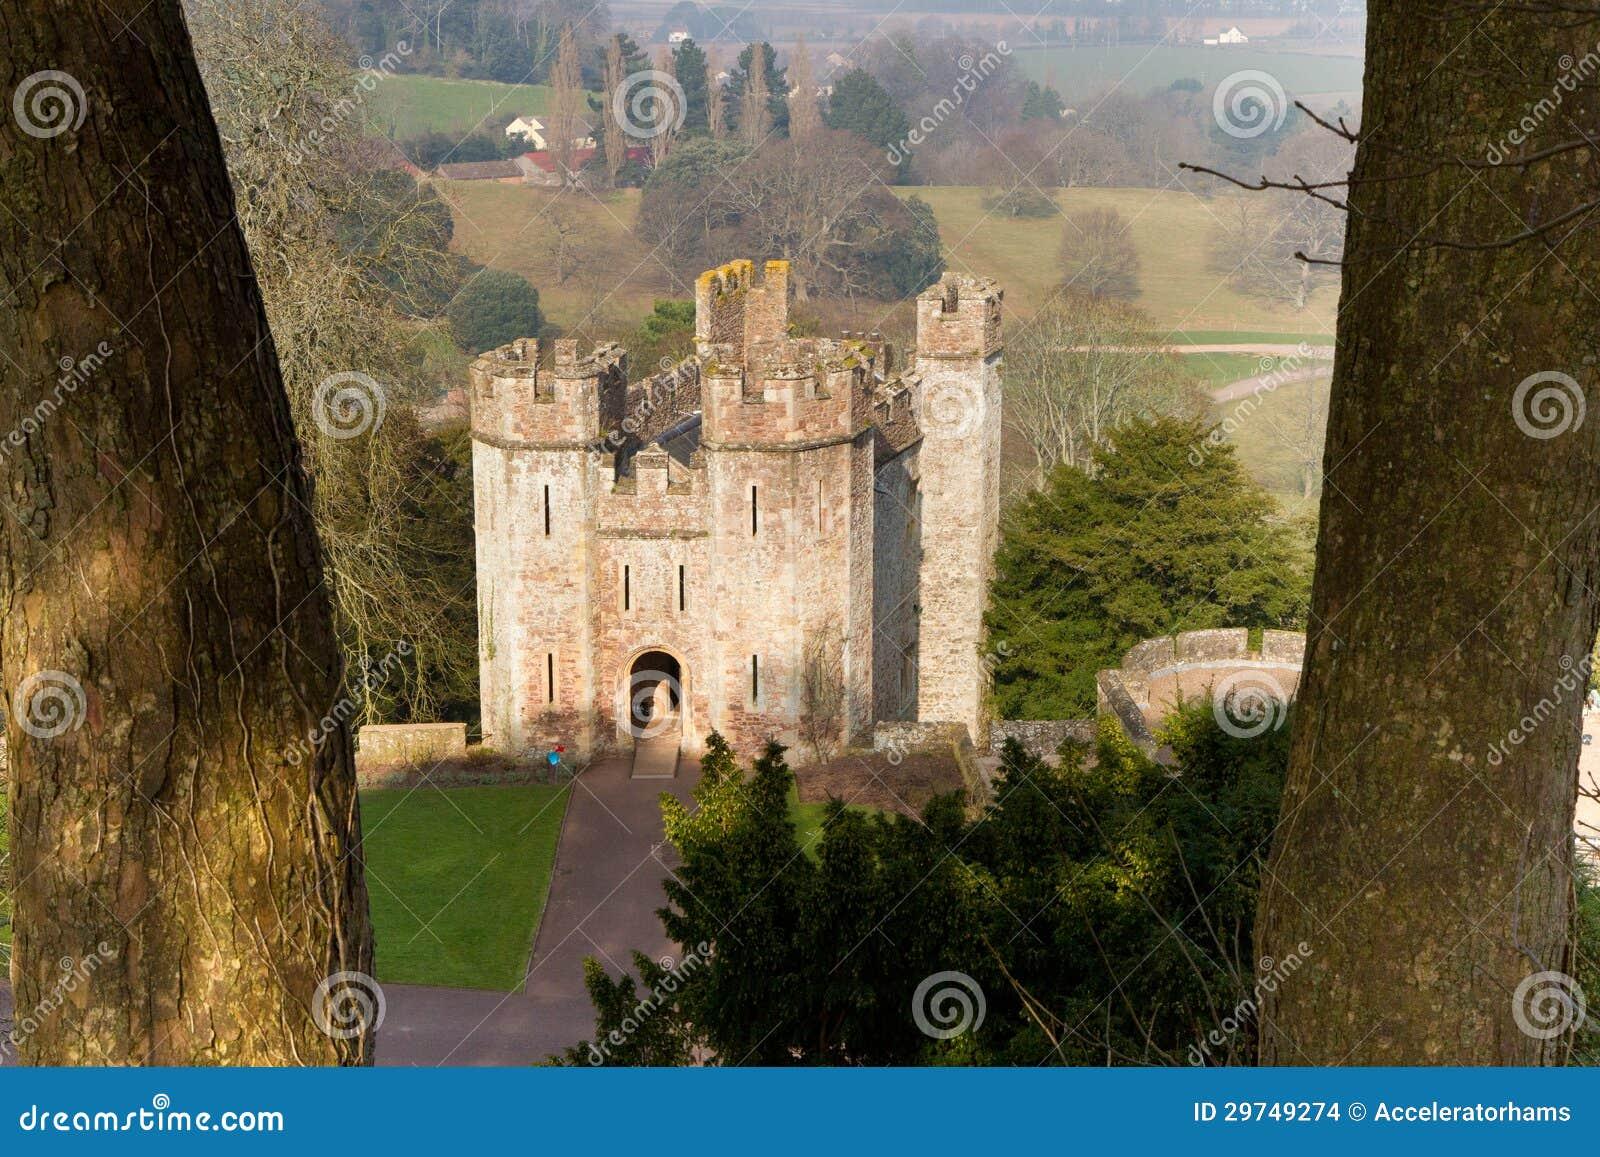 De zaal somerset engeland van de huurders van het kasteel van dunster stock afbeeldingen - Versiering van de zaal van het tienermeisje van ...